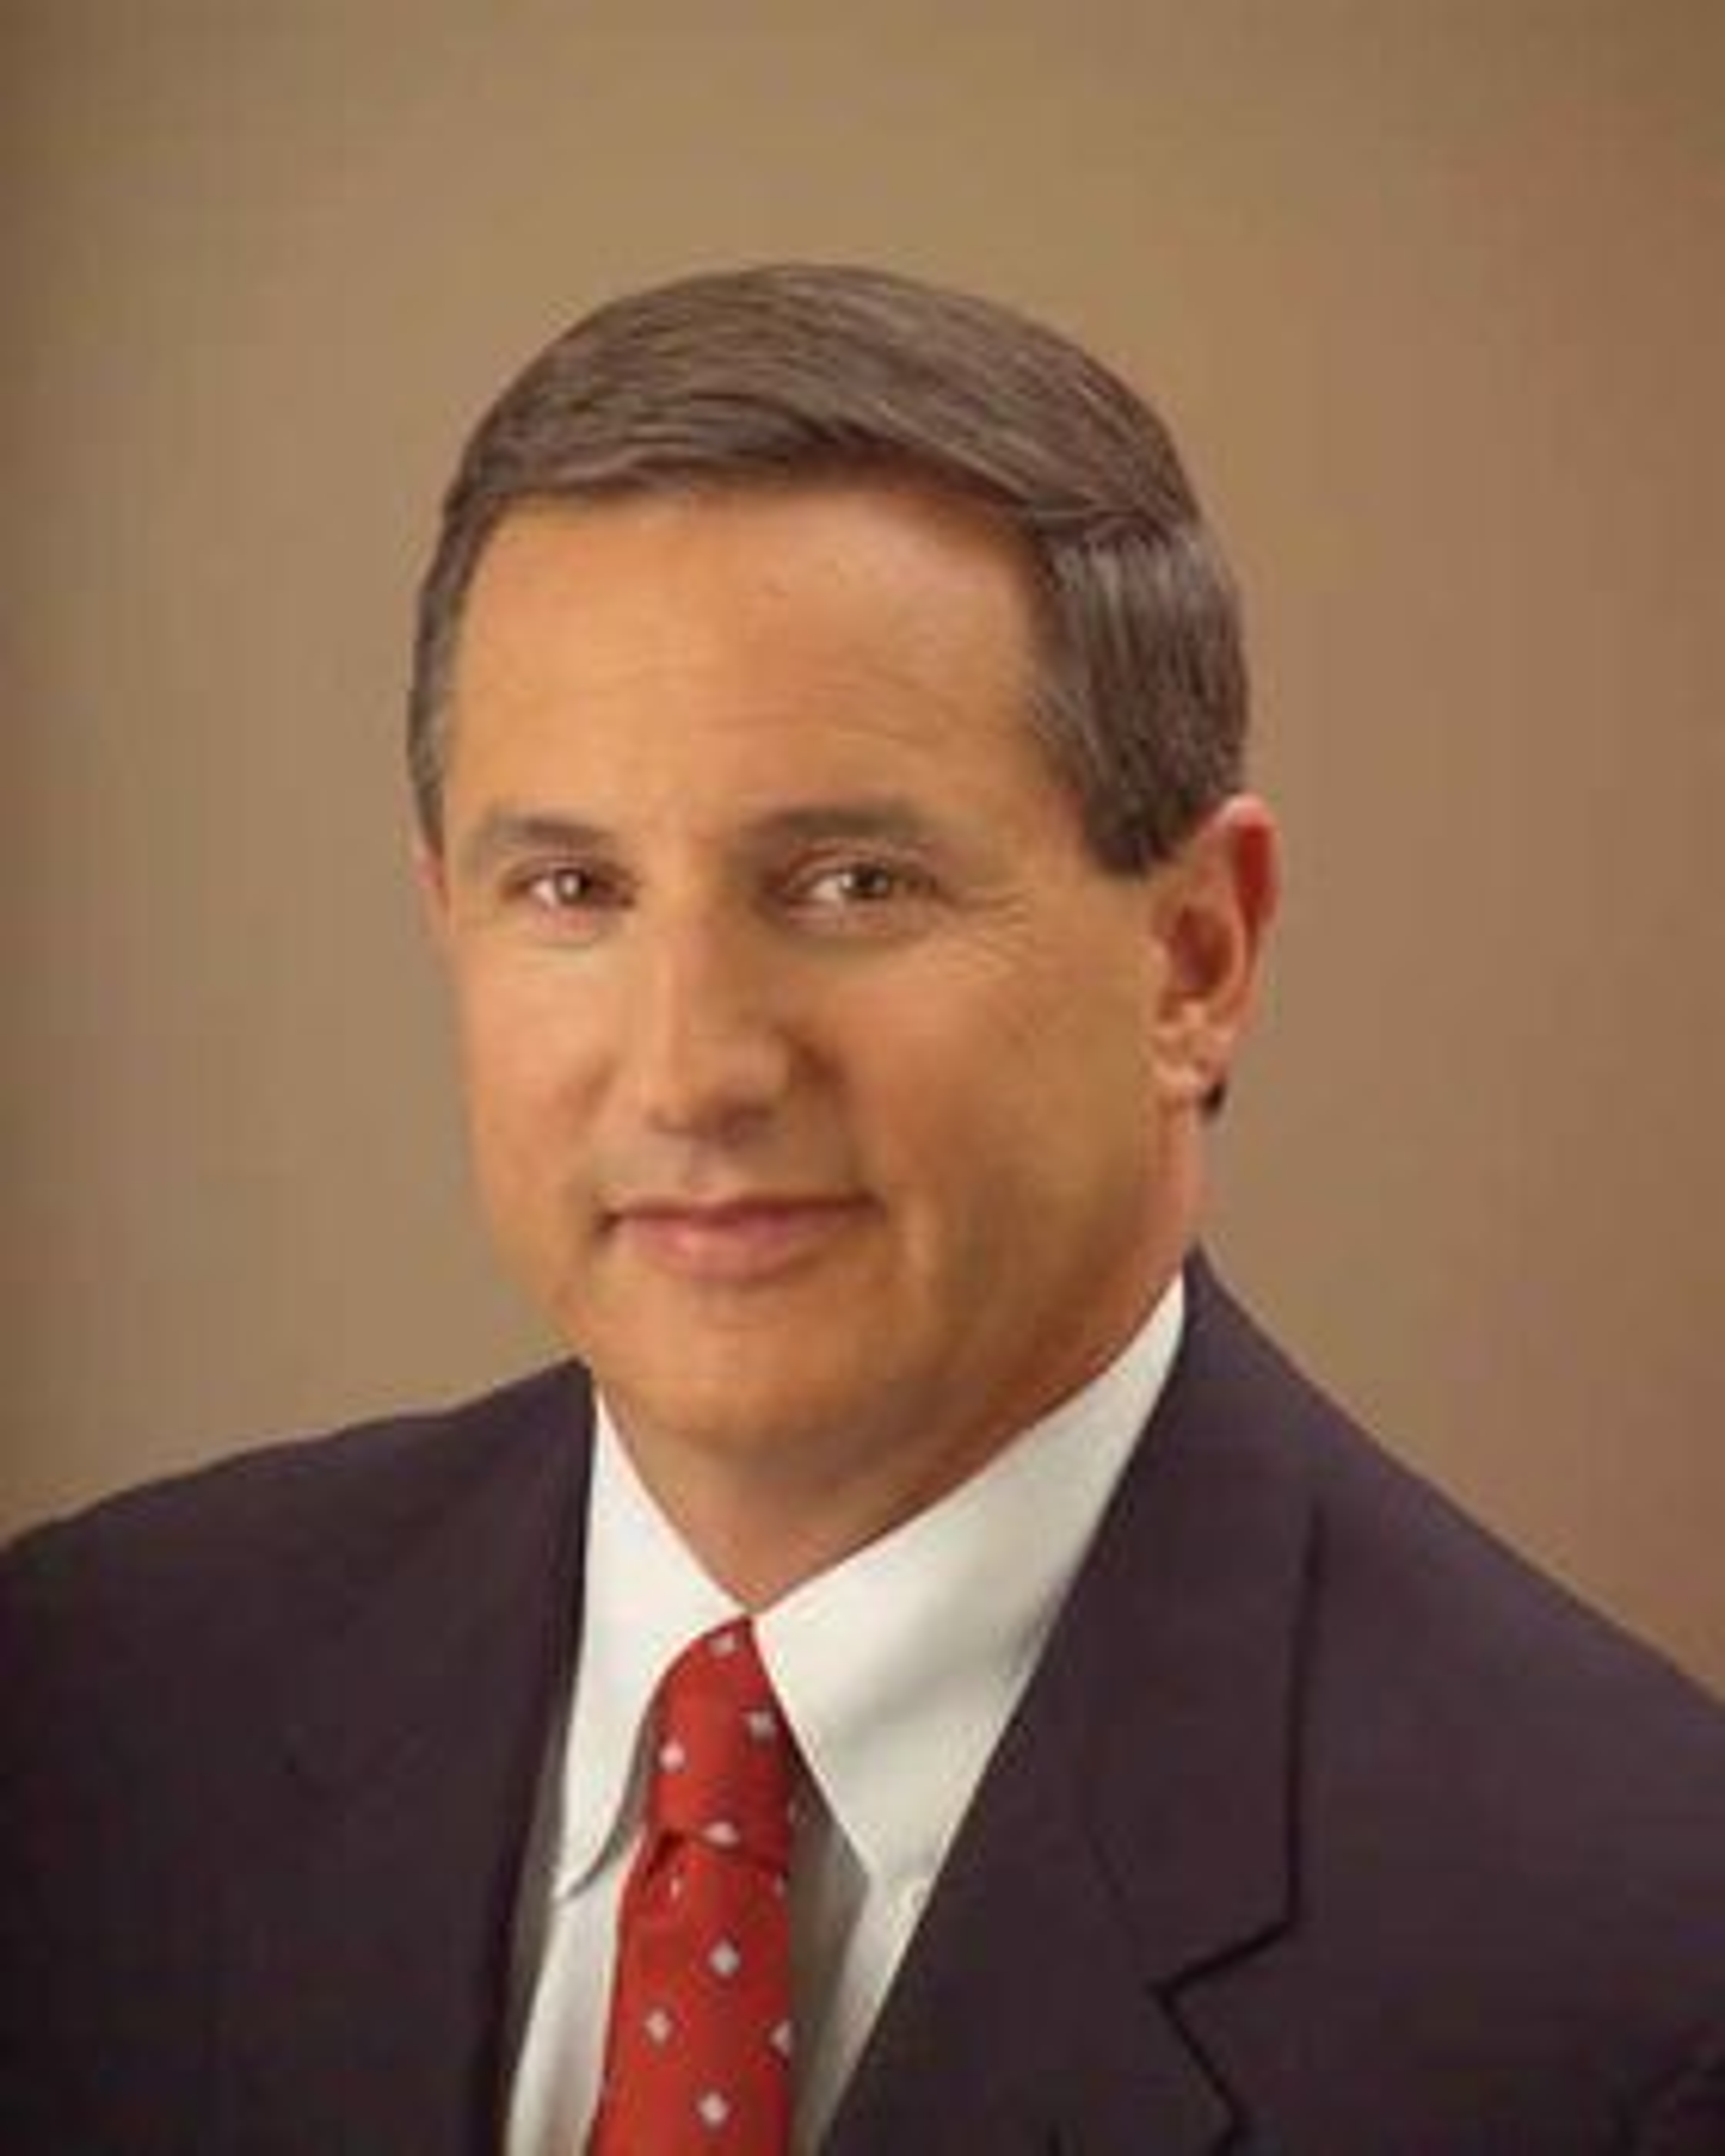 Mark Hurd, som idag er president i Oracle, måtte forlate jobben som toppsjef i Hewlett-Packard.